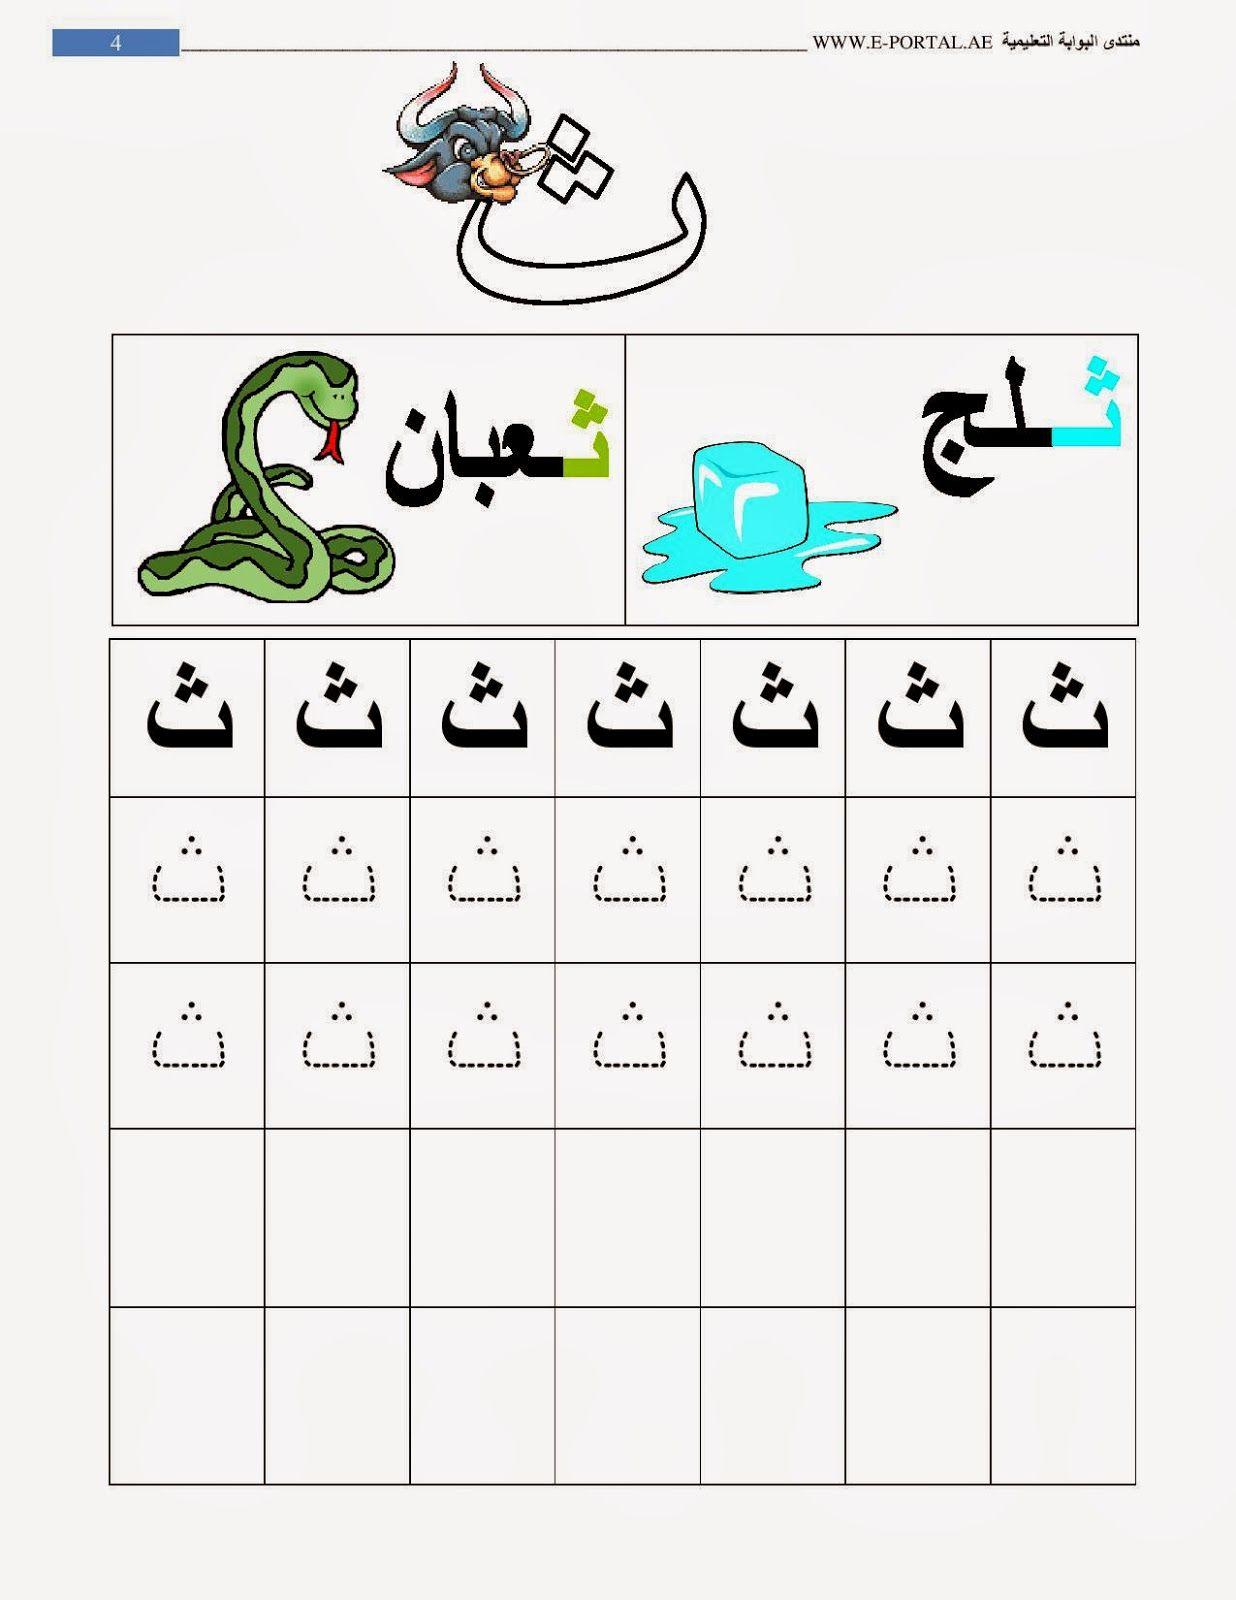 روضة العلم للاطفال كراسة حروف الهجاء Learn Arabic Alphabet Arabic Alphabet Arabic Alphabet Letters